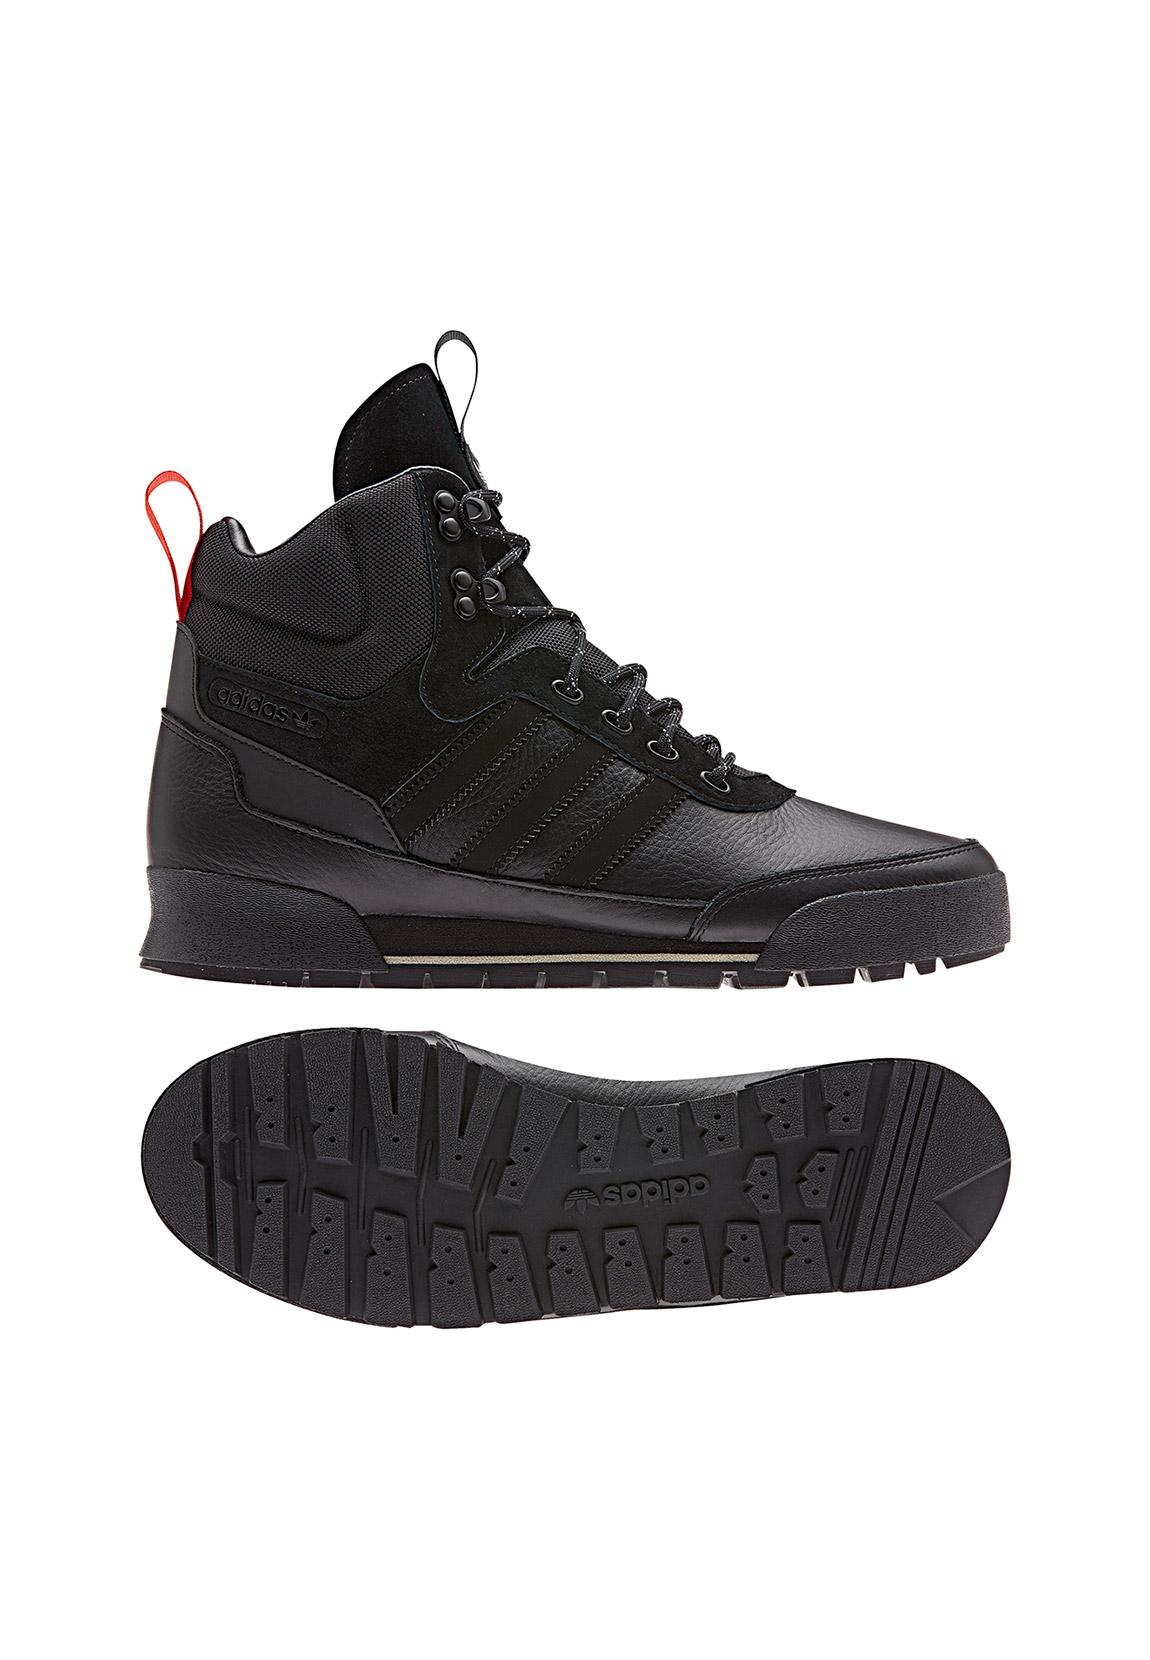 Adidas Originals Boots BAARA BOOT EE5530 Schwarz